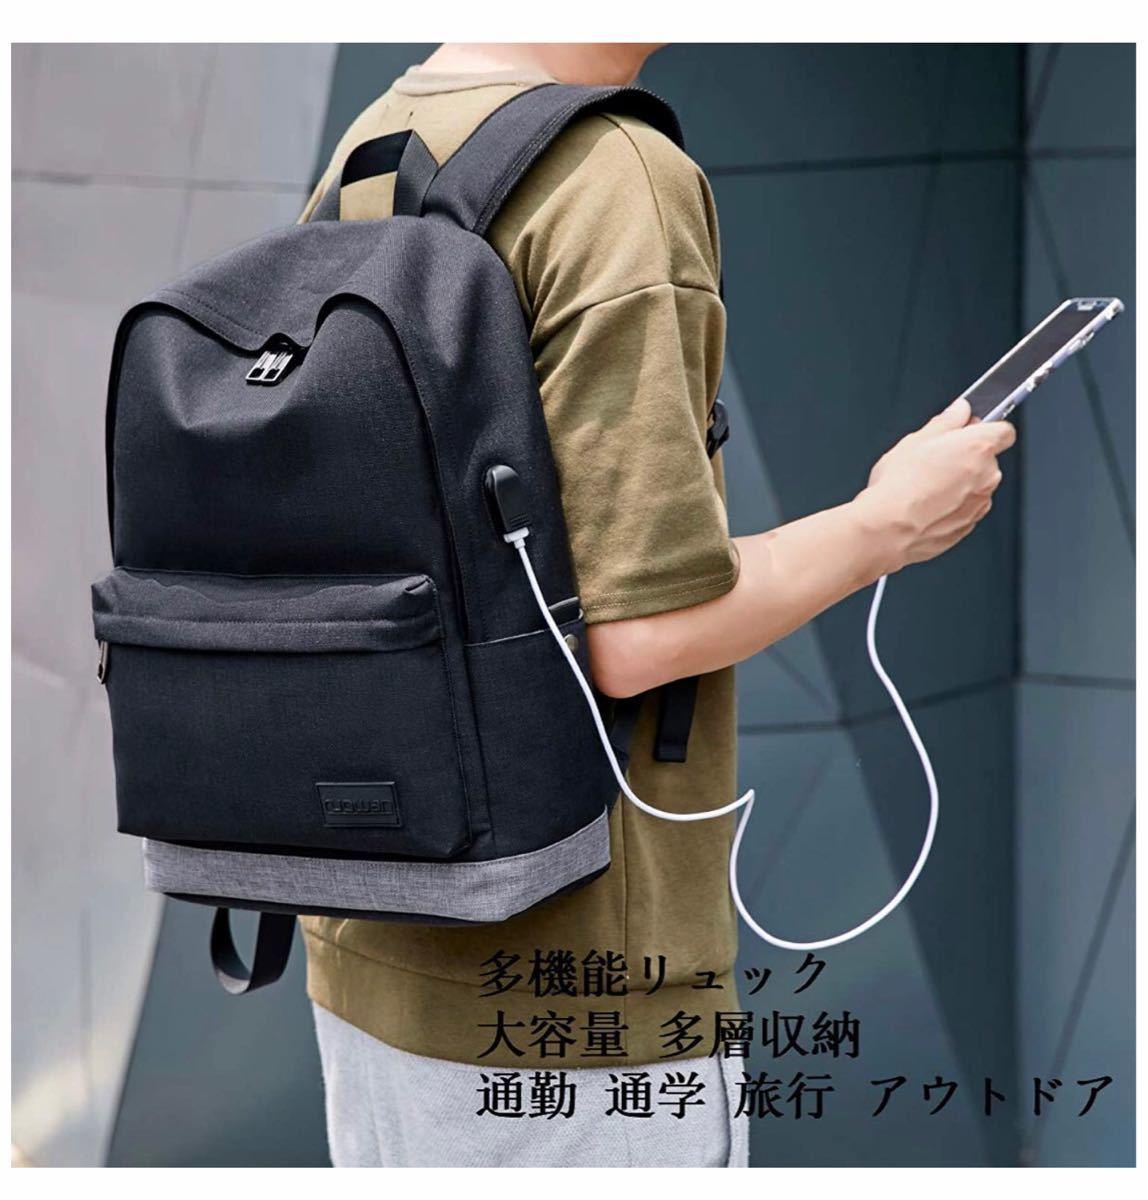 ビジネスリュック バックパック USB充電ポート付き 防水 大容量